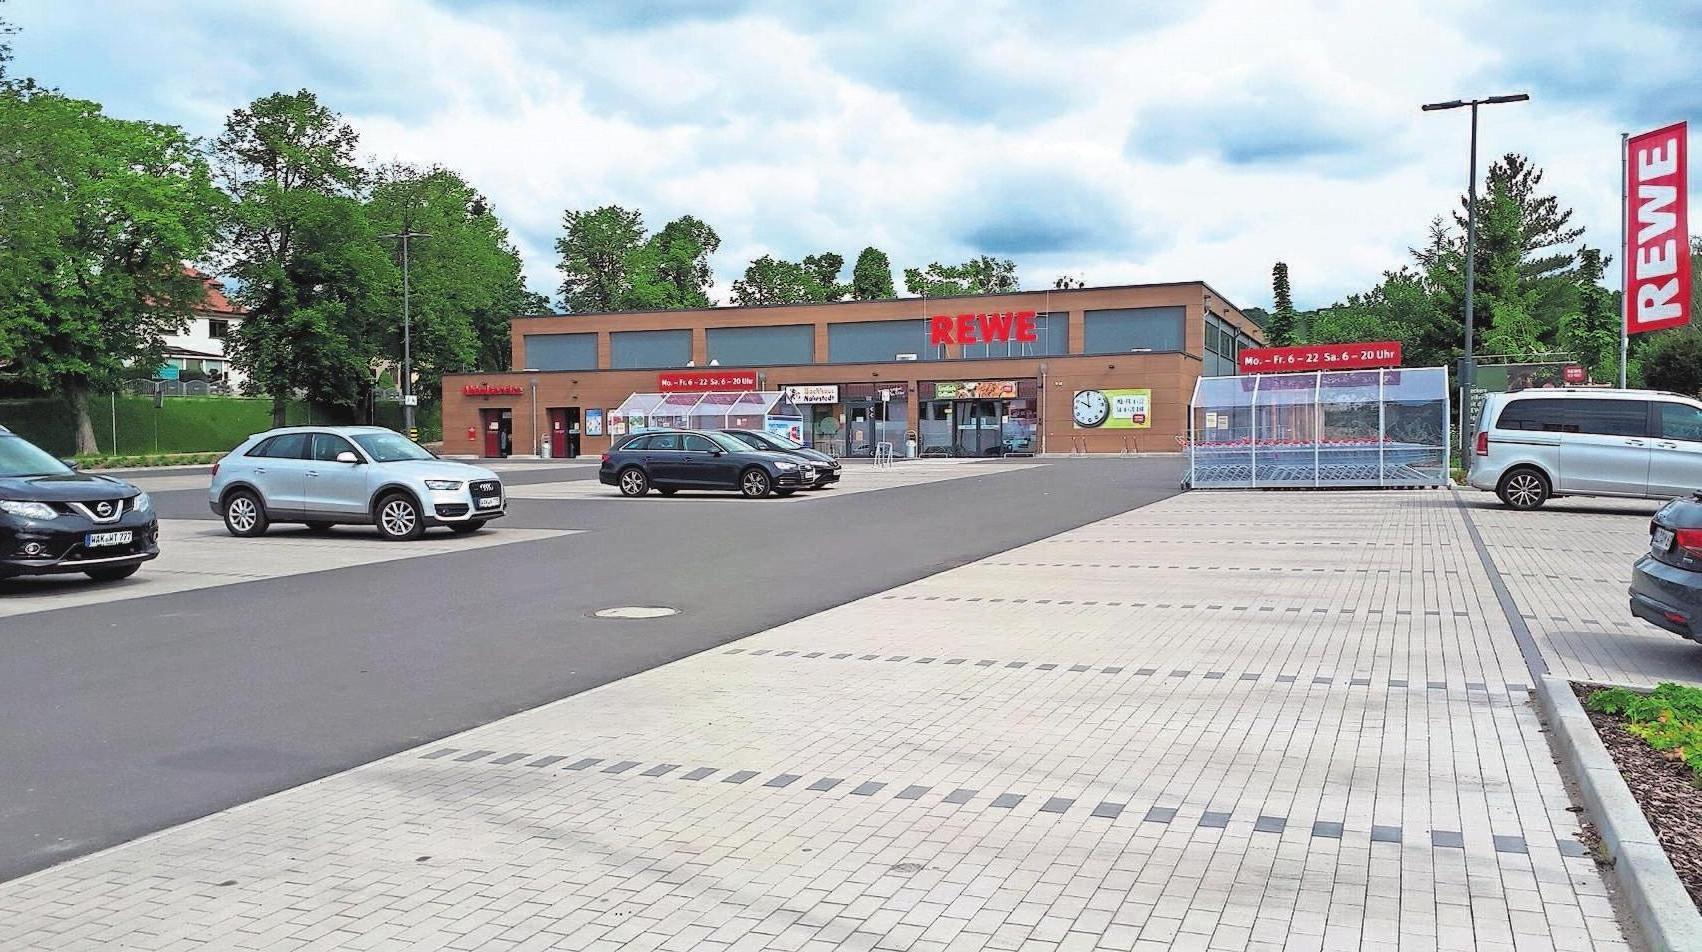 Bereits im Herbst 2019 konnte der Teil des Carrees, in dem sich der Lebensmittelmarkt befindet, übergeben werden.